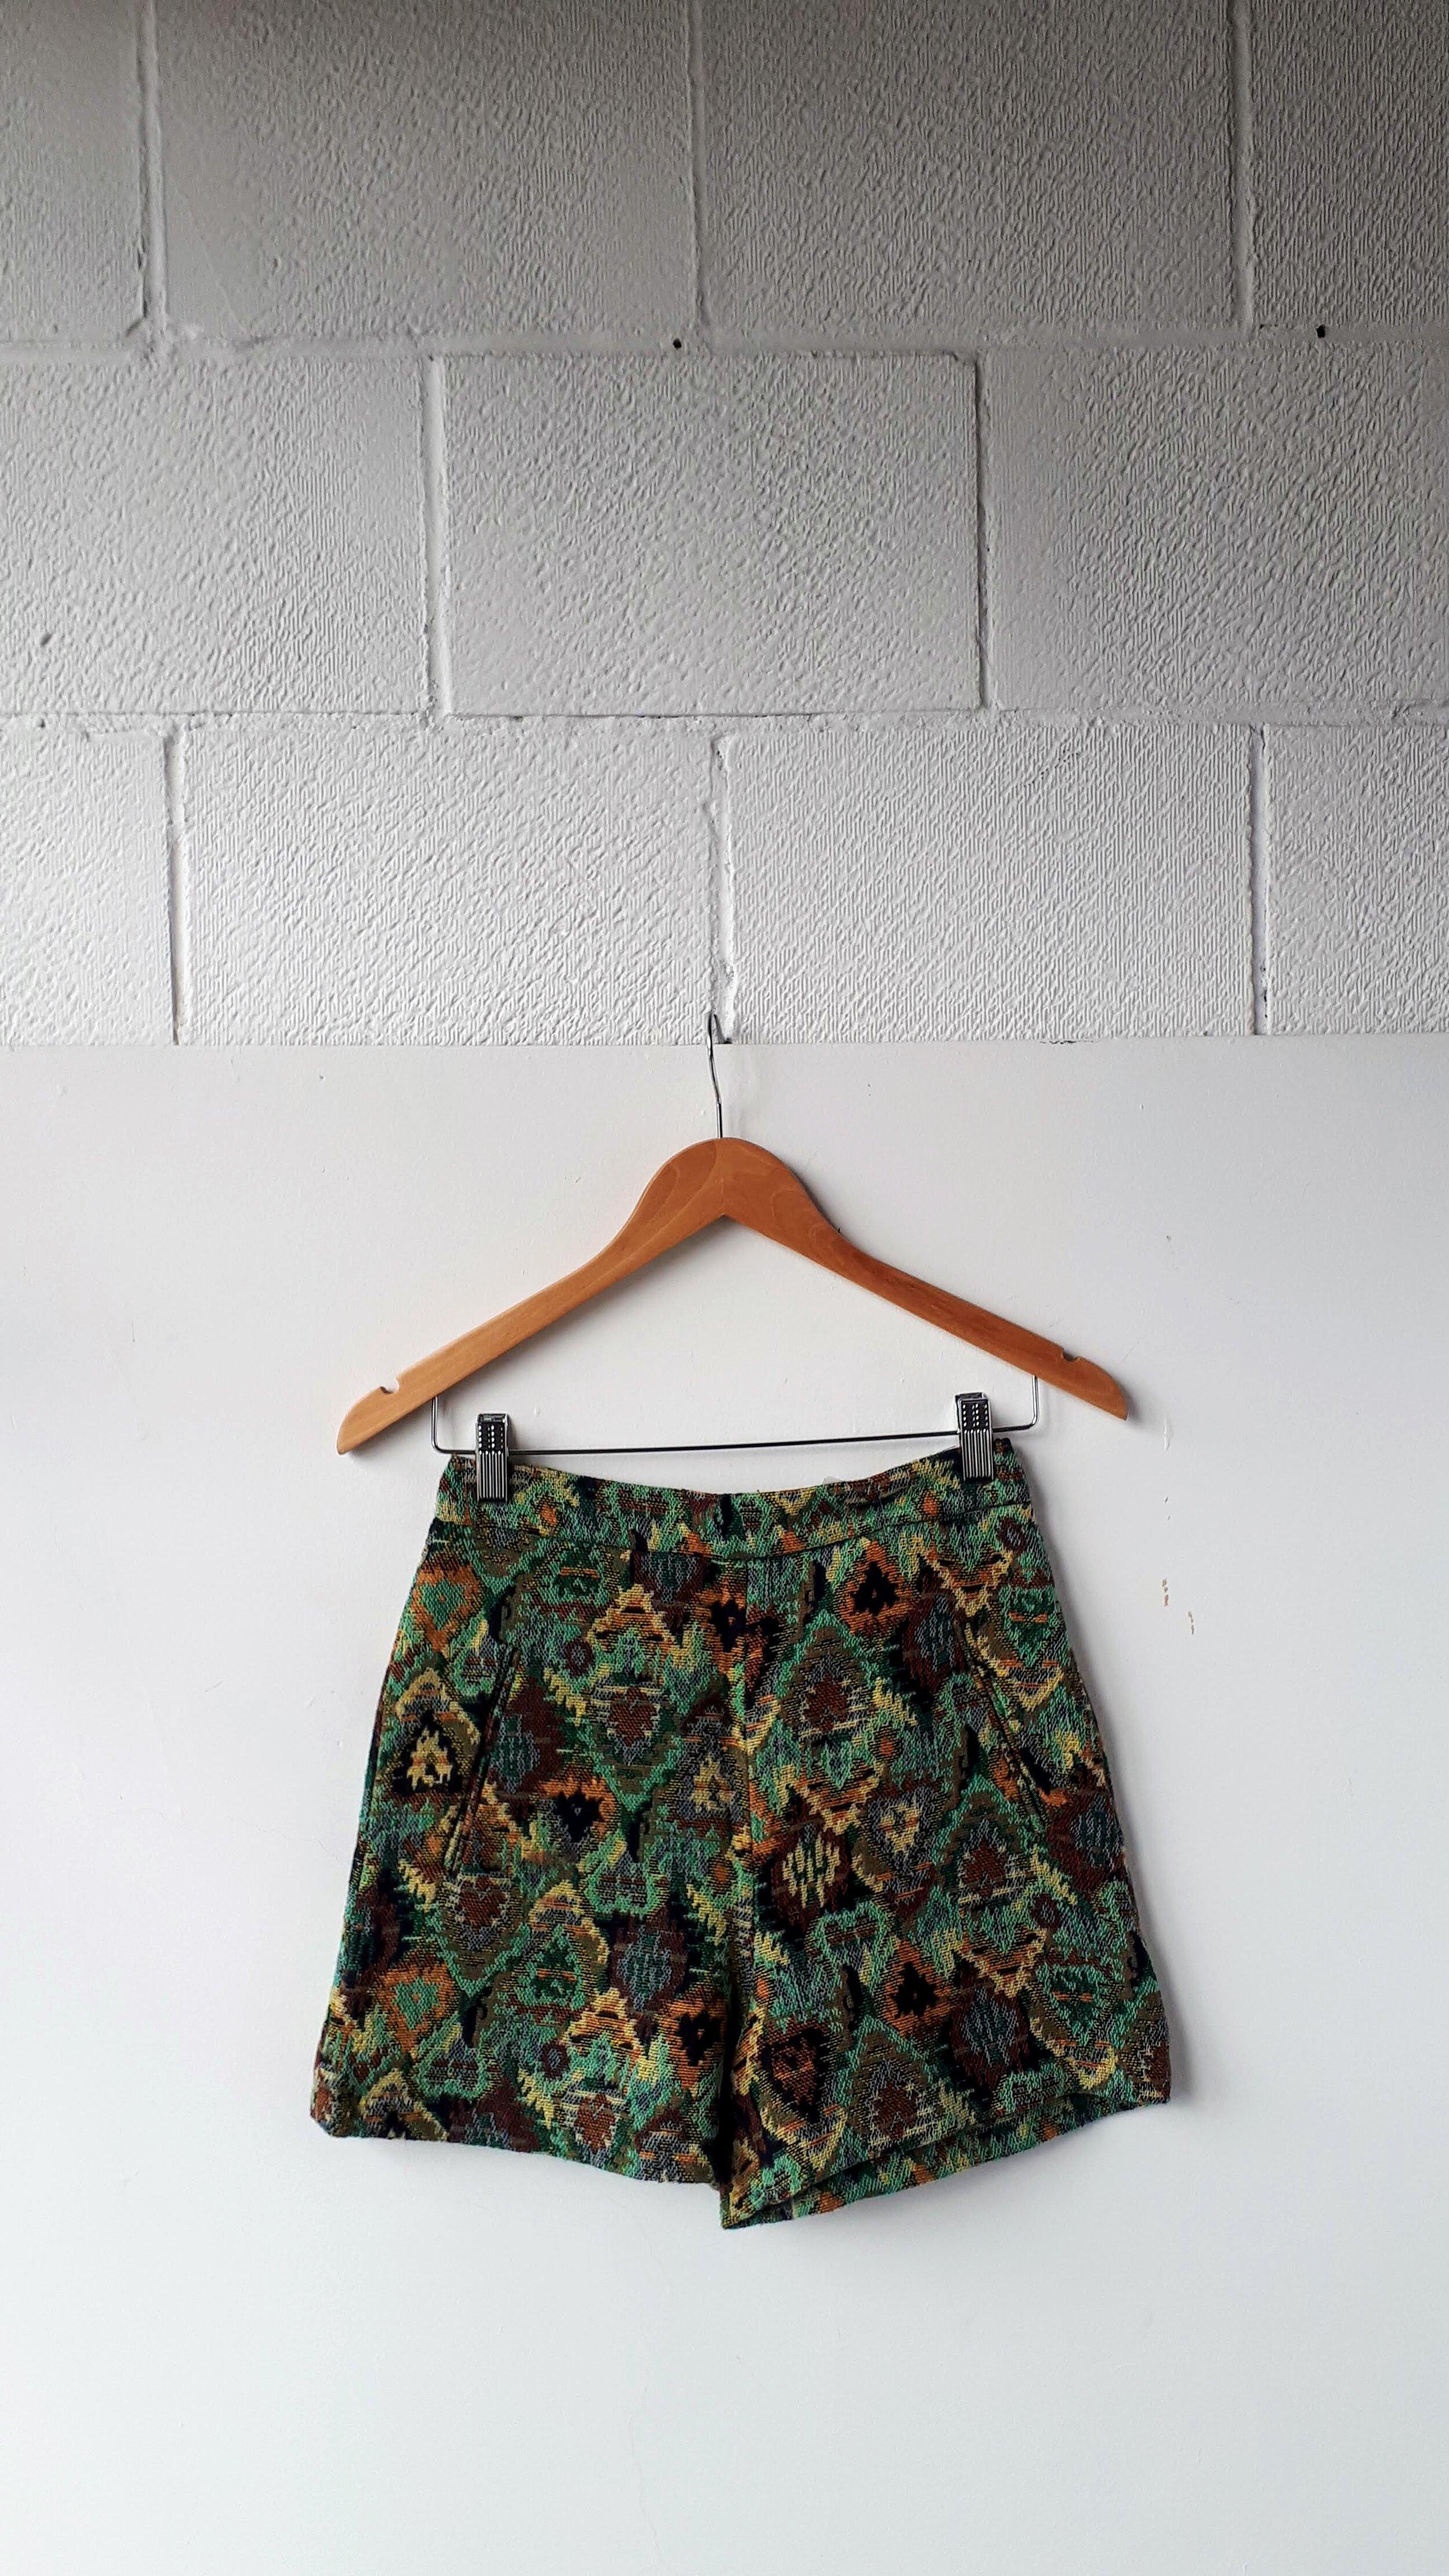 Shorts; Size XS, $18